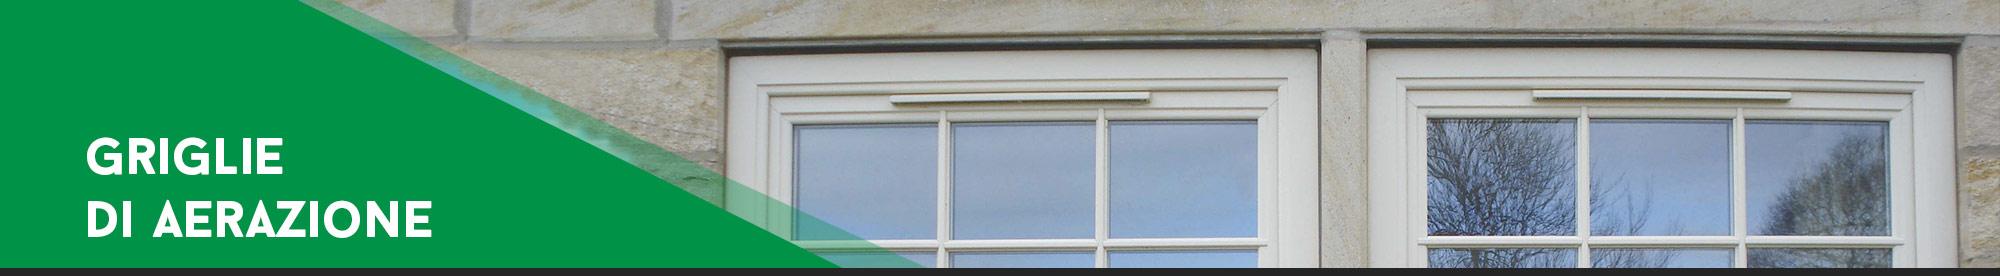 Griglie di aerazione desa fenster - Coibentazione davanzali finestre ...